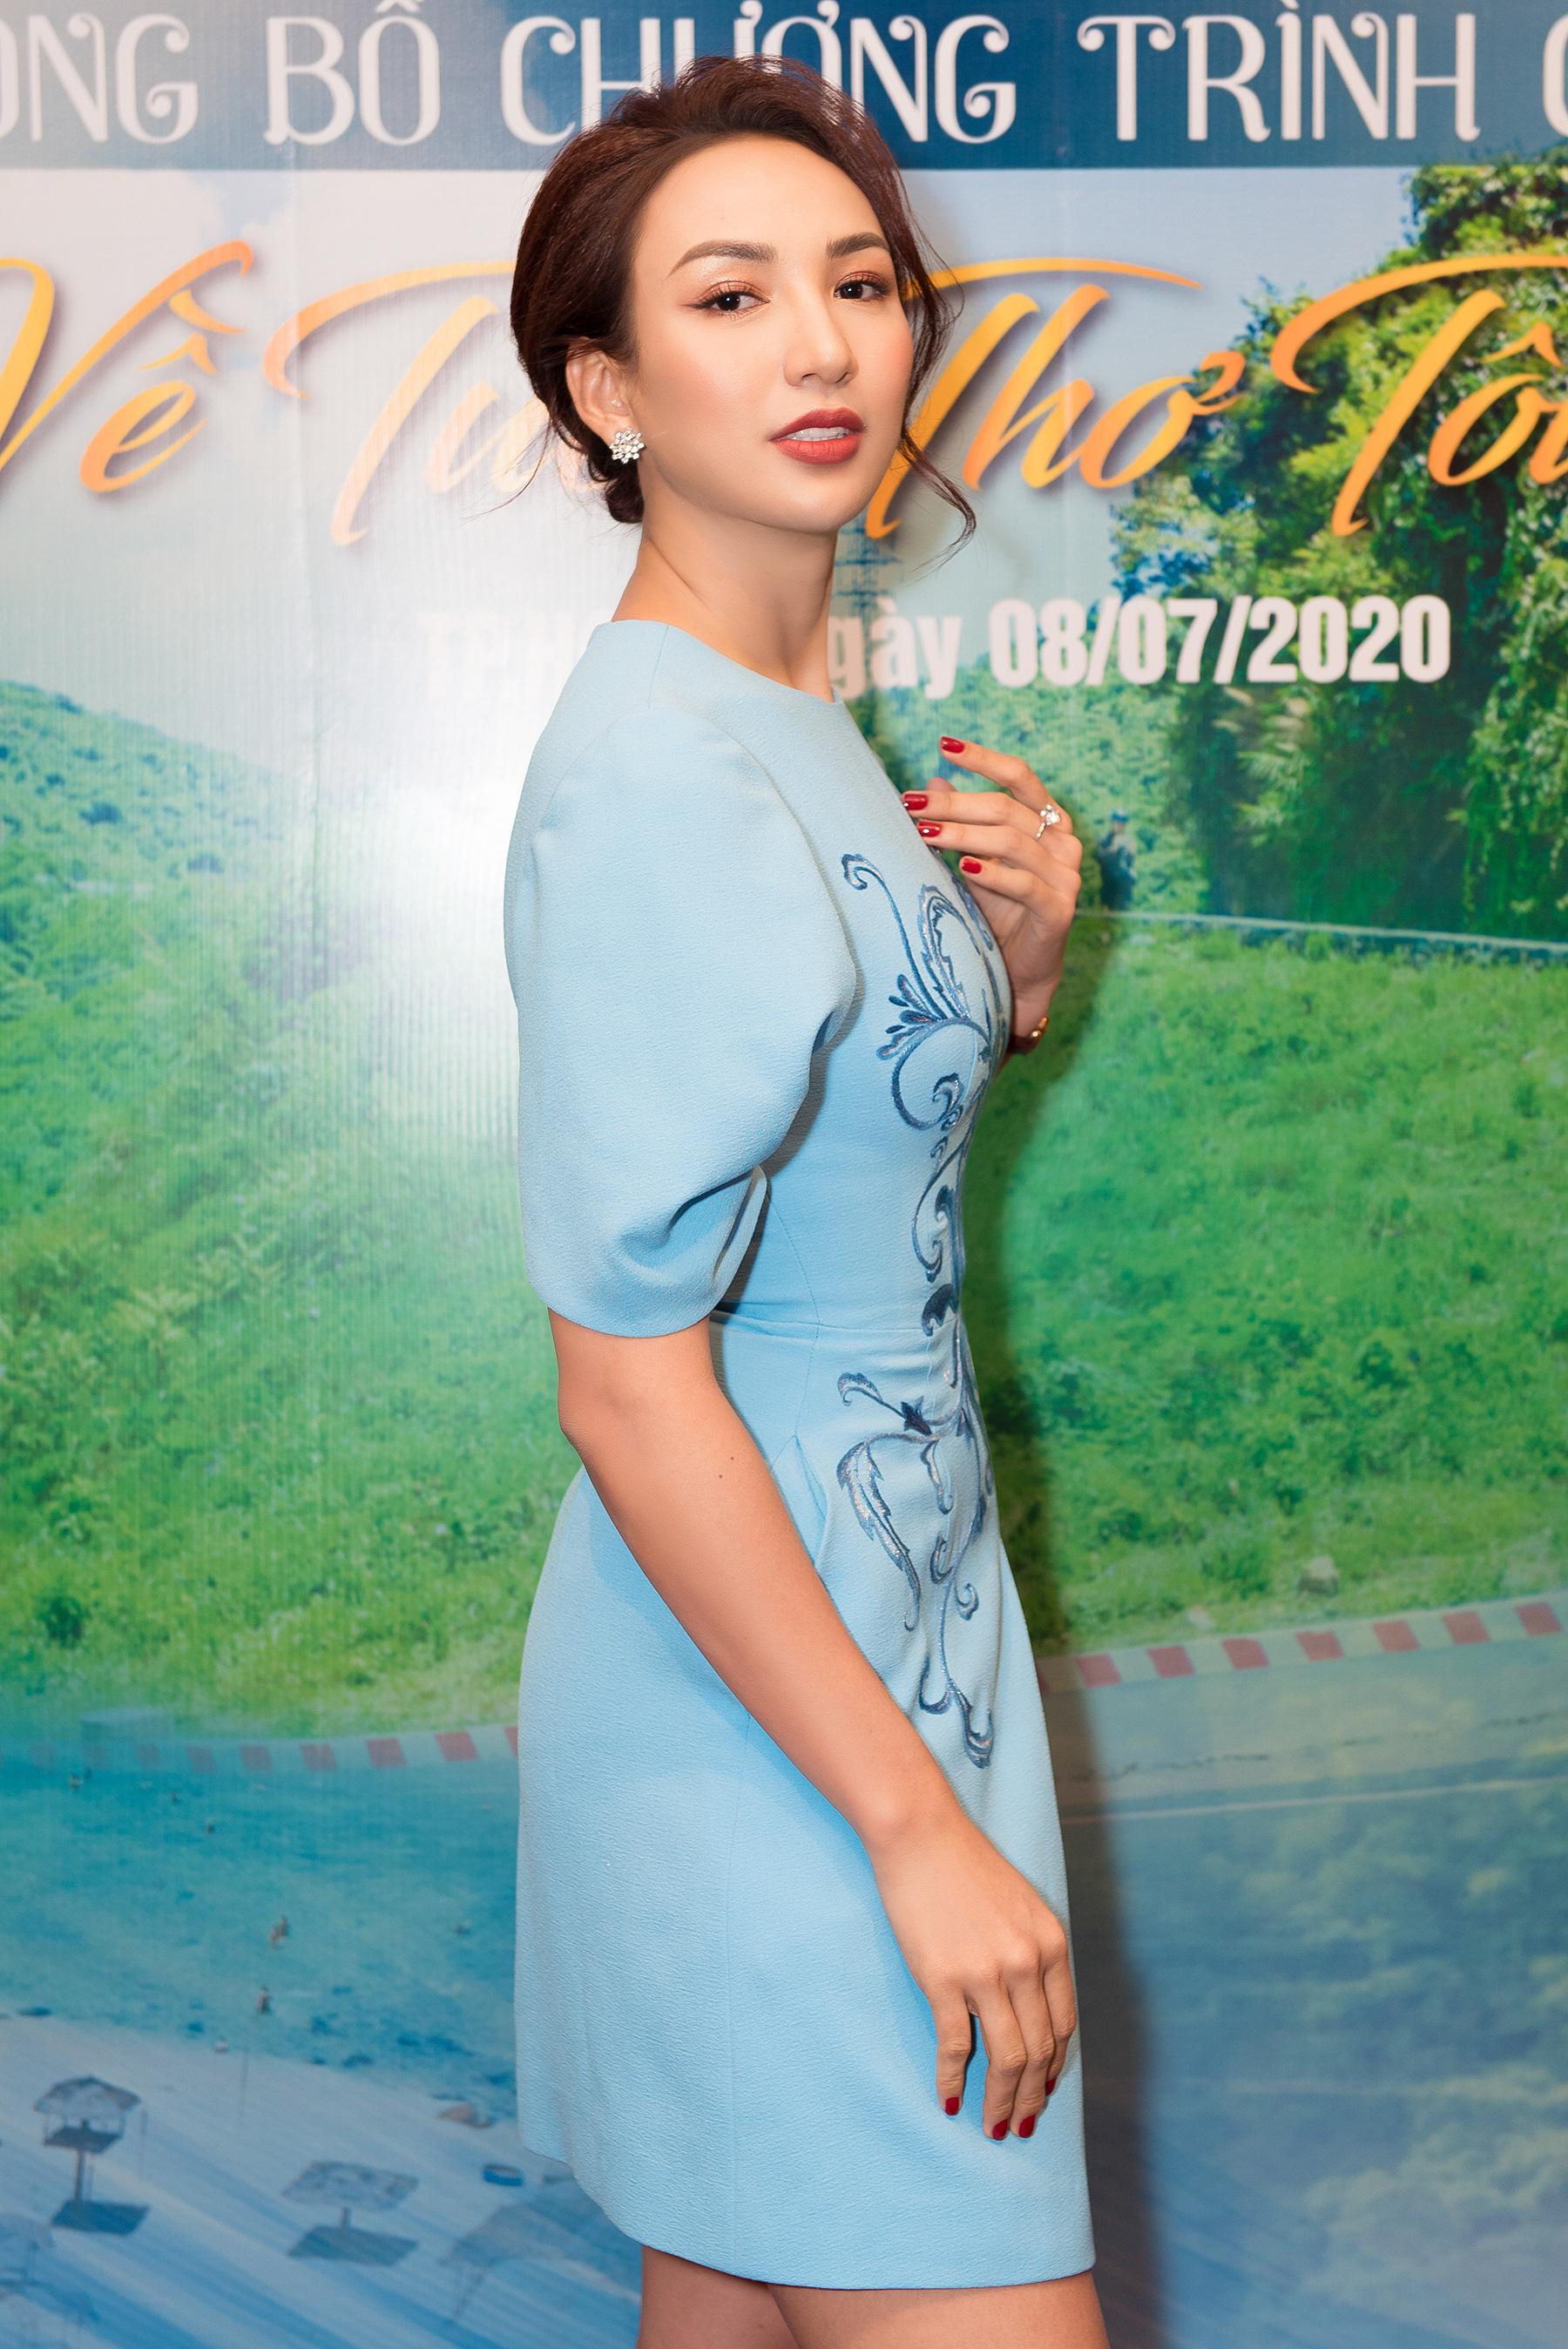 Hoa hậu Ngọc Diễm hội ngộ Dương Triệu Vũ tại Caravan thiện nguyện - Ảnh 5.